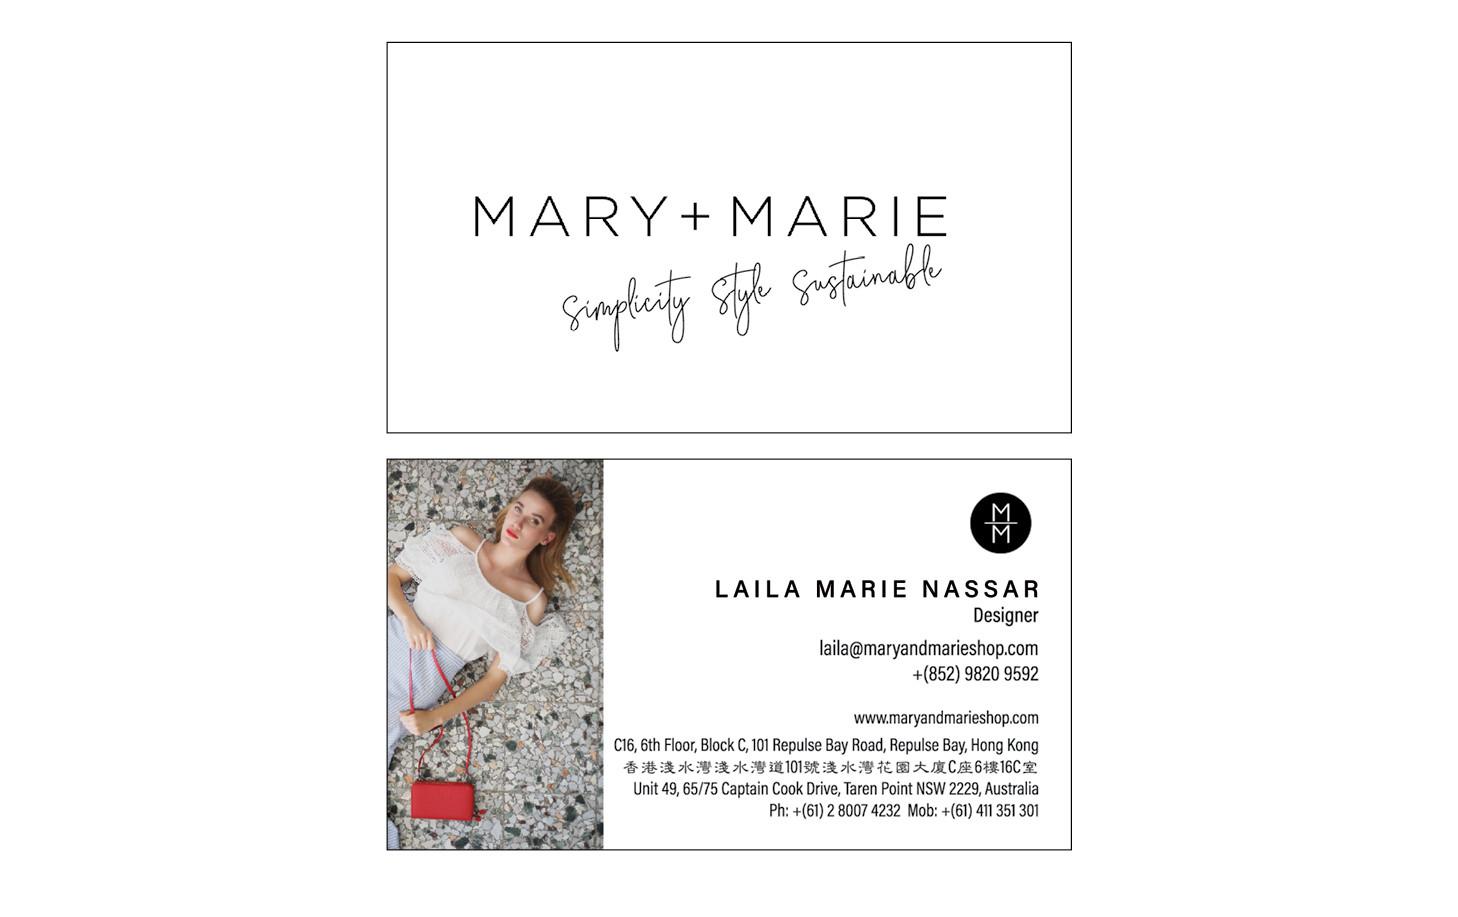 Mary & Marie